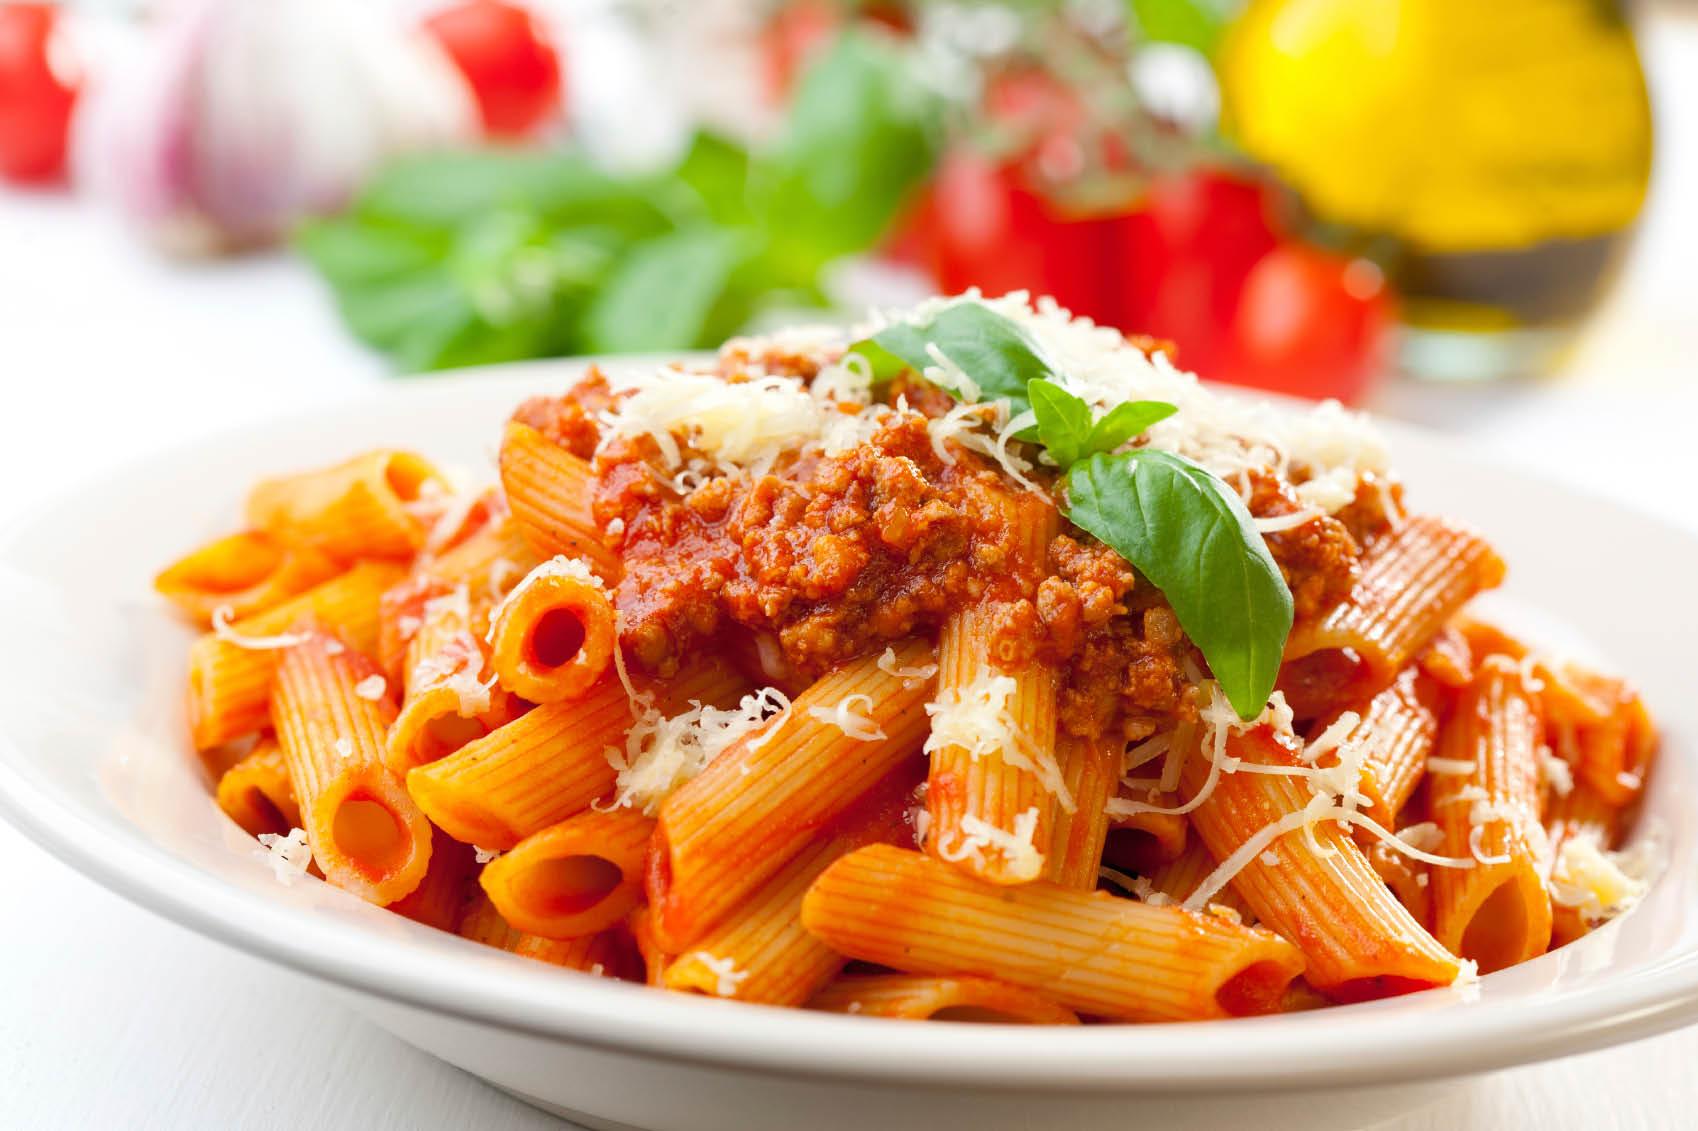 Deli Near Me - Italian Deli Near Me - Pietro Trattoria Lyndhurst, NJ - Pietro's Trattoria Lyndhurst, NJ - 07071 Food Coupons